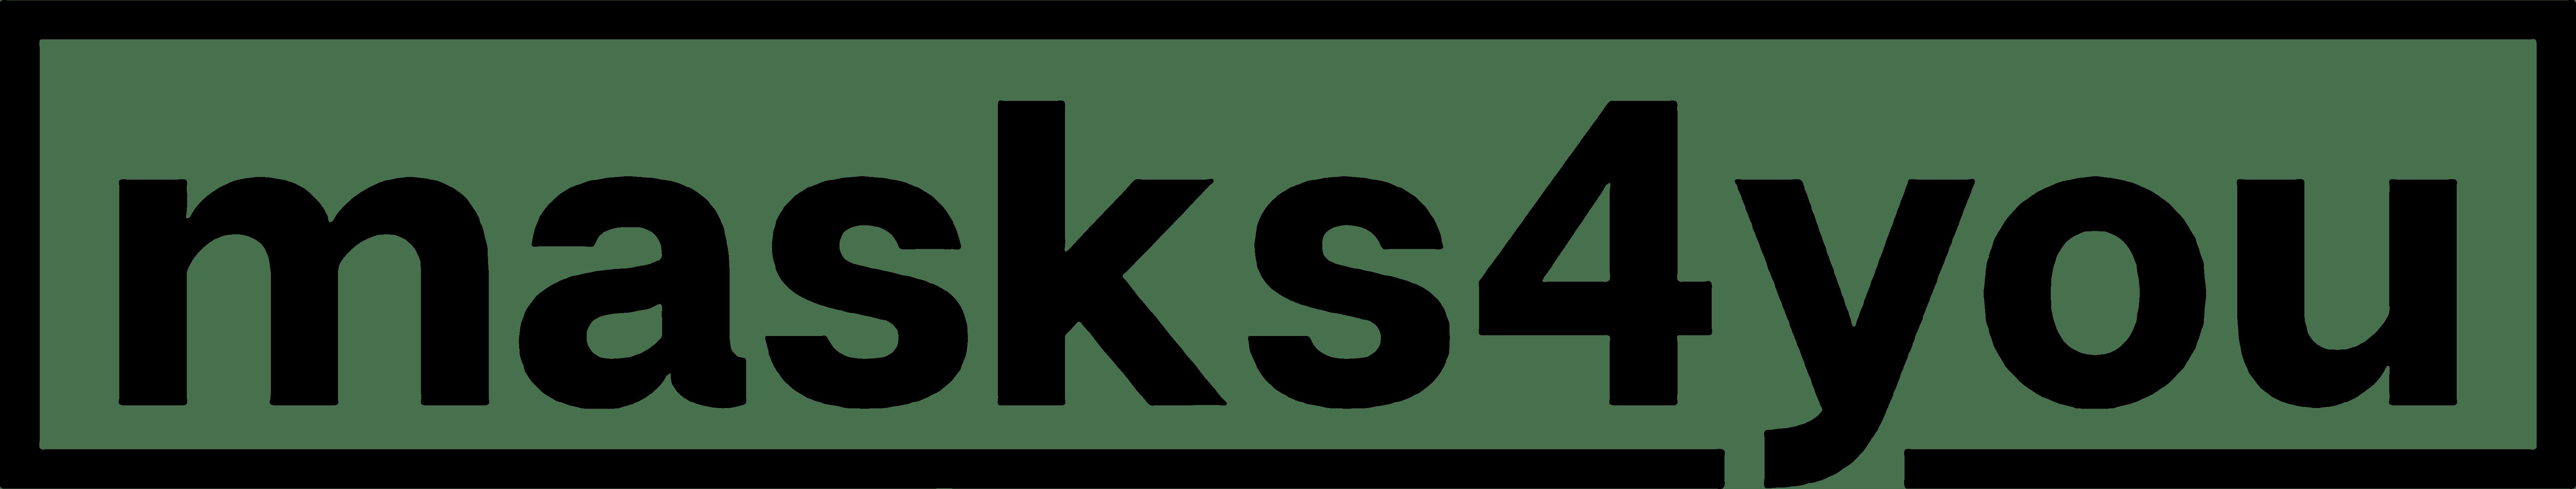 MASKS4YOU – Schutzmasken und mehr!